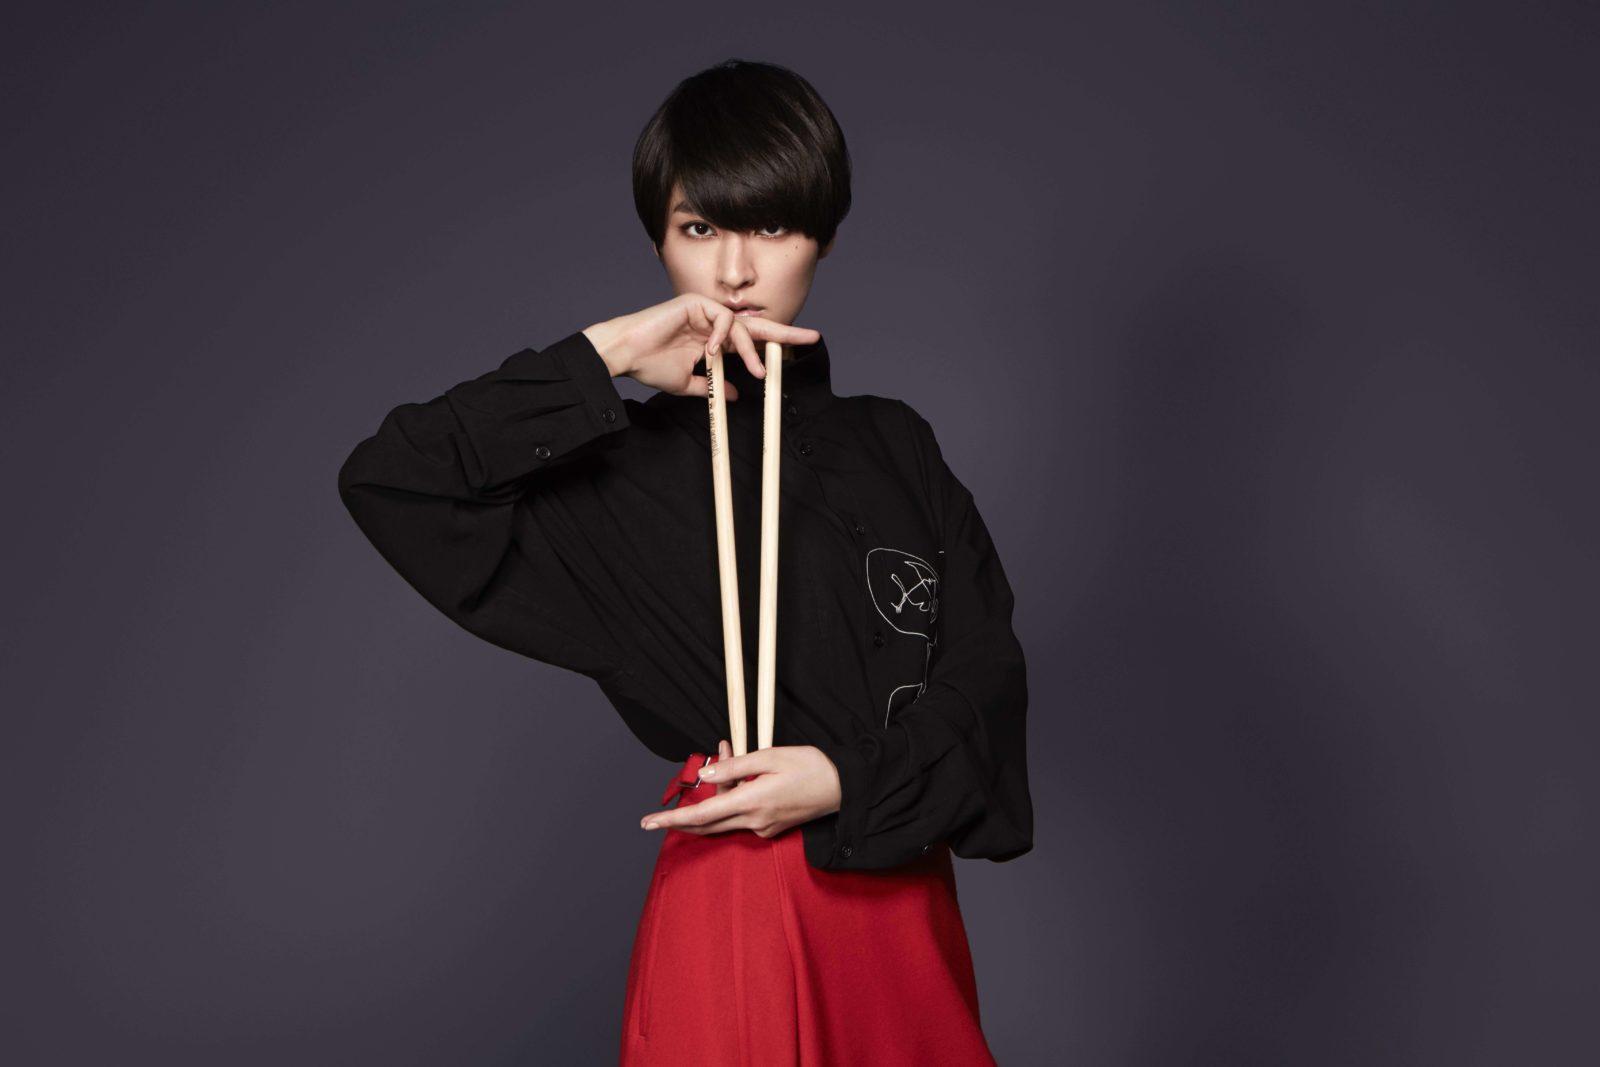 シシド・カフカ、最新アルバムリリース記念LINE LIVEが本日オンエアサムネイル画像